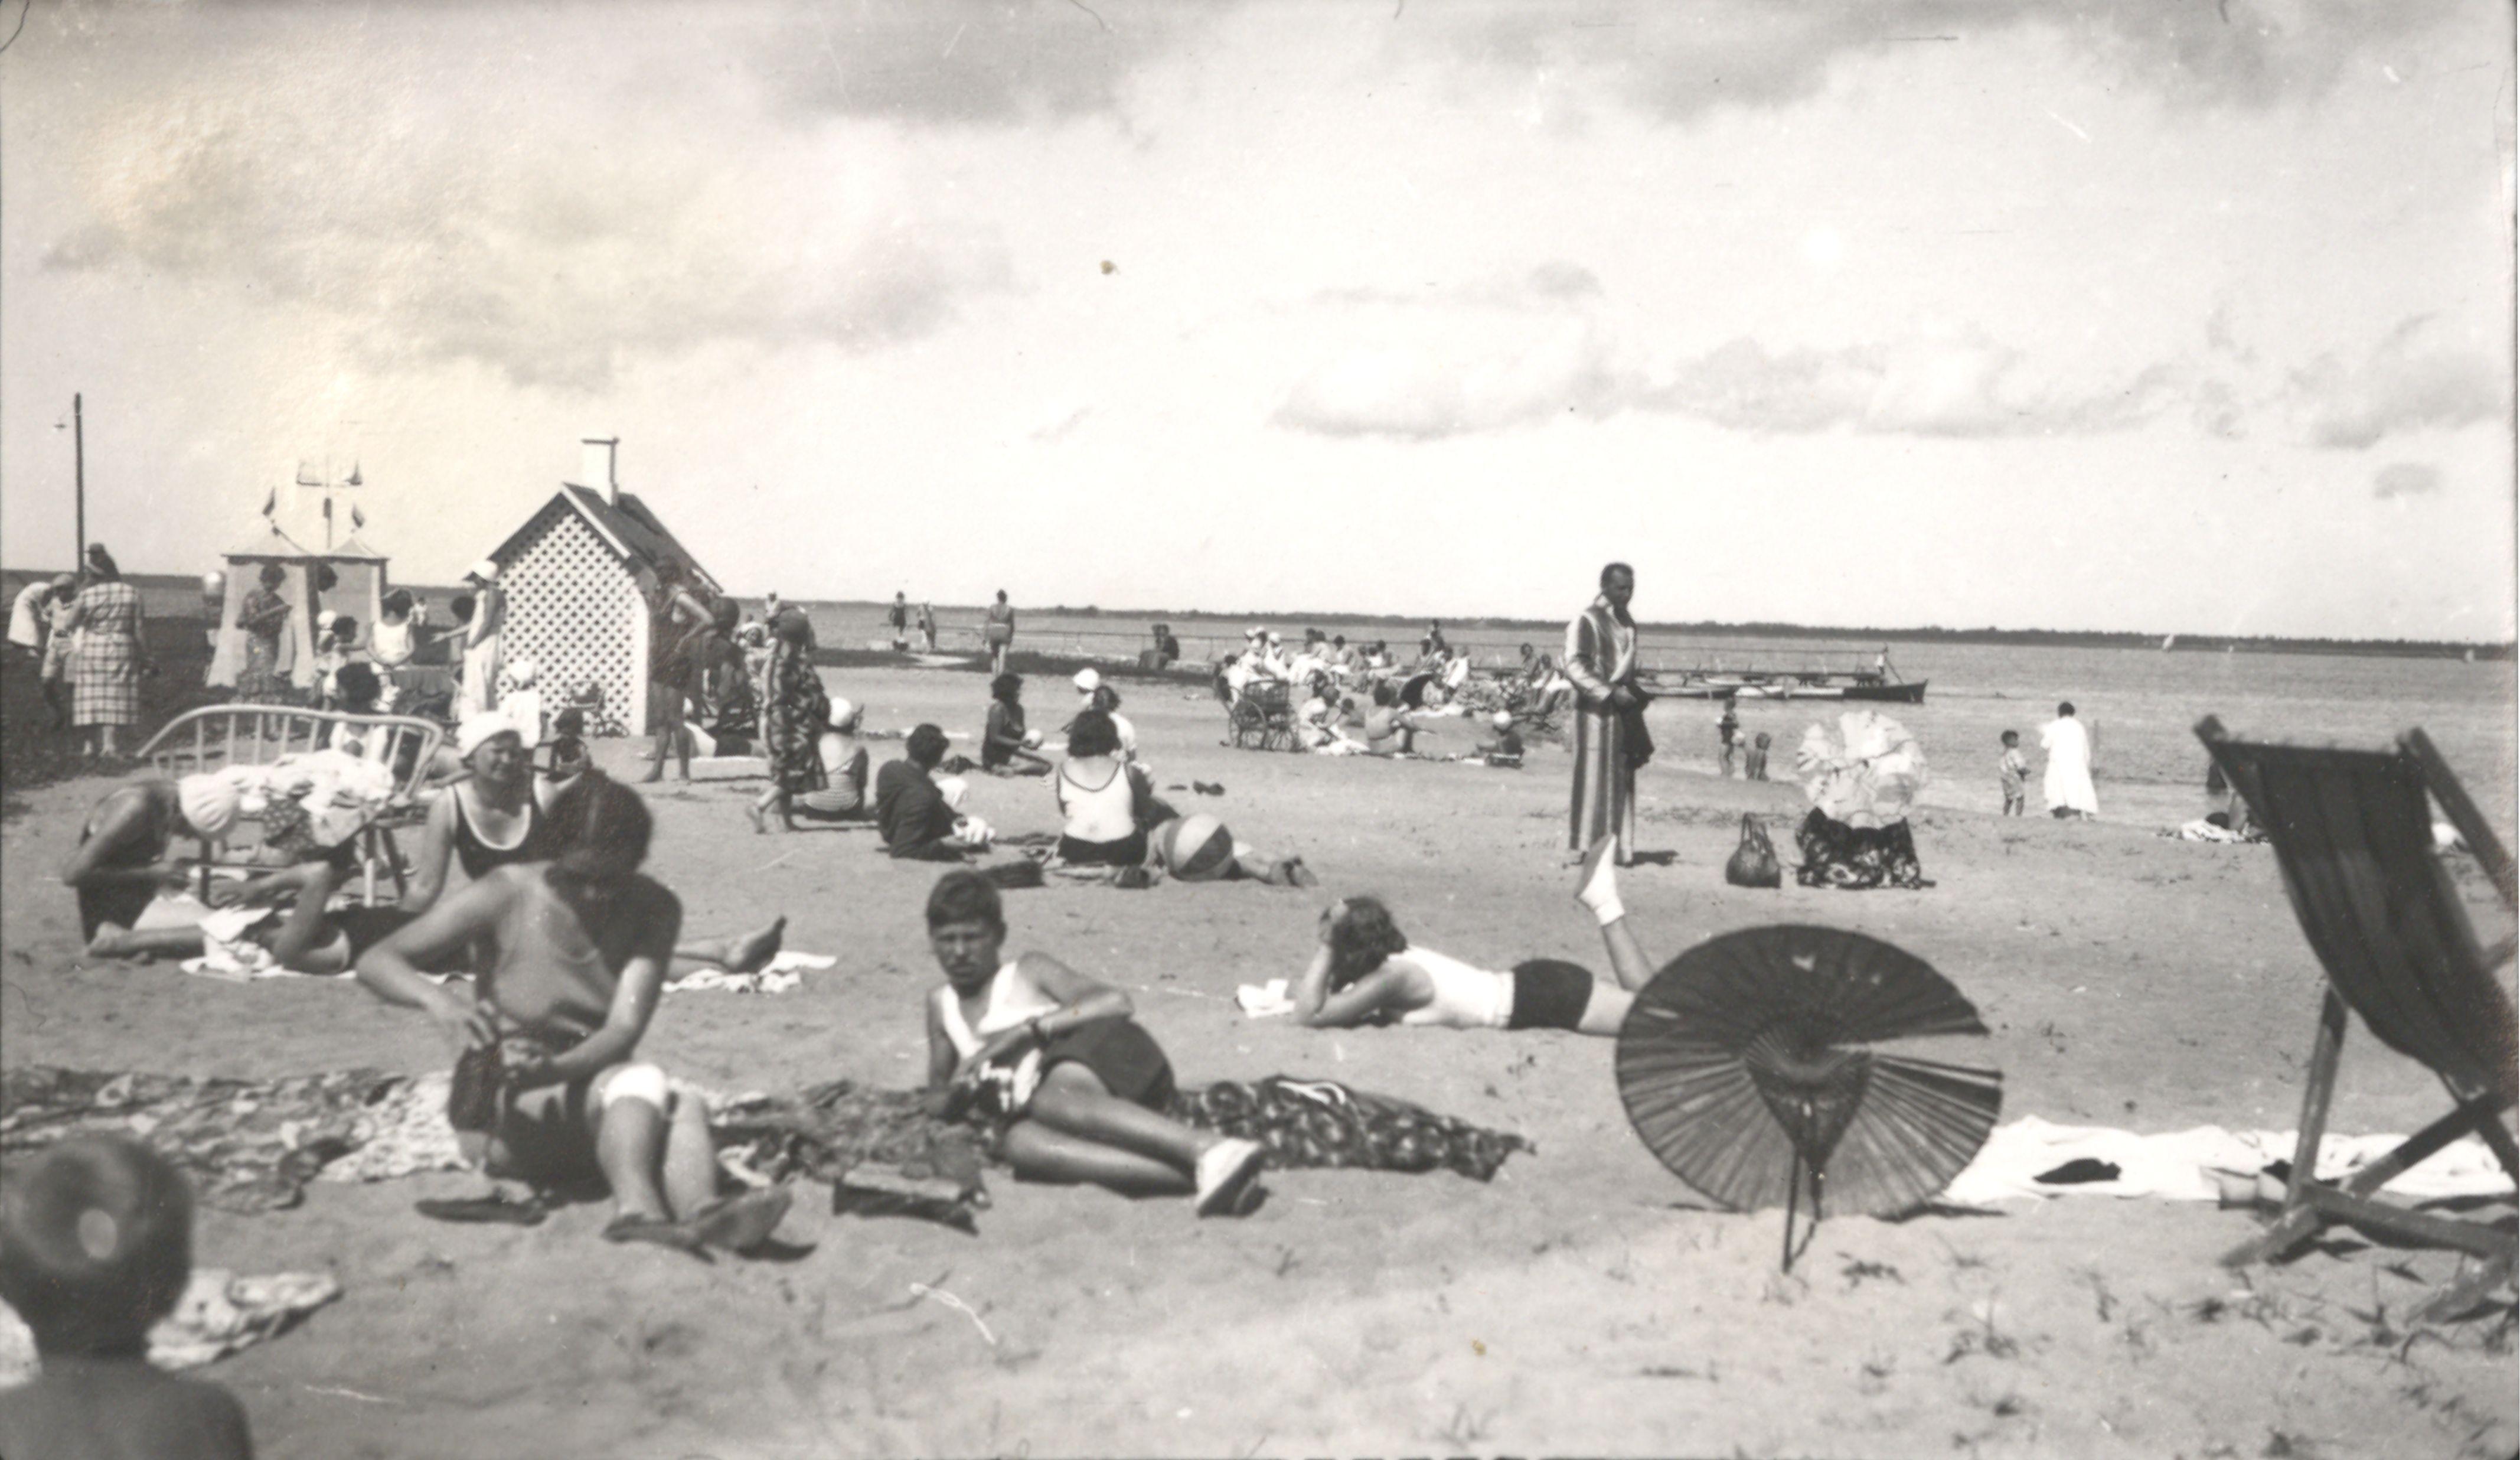 Suvitajad Aafrika rannas päevitamas, 1930. aastad. Haapsalu ja Läänemaa Muuseumid 1524 59 Ff 411